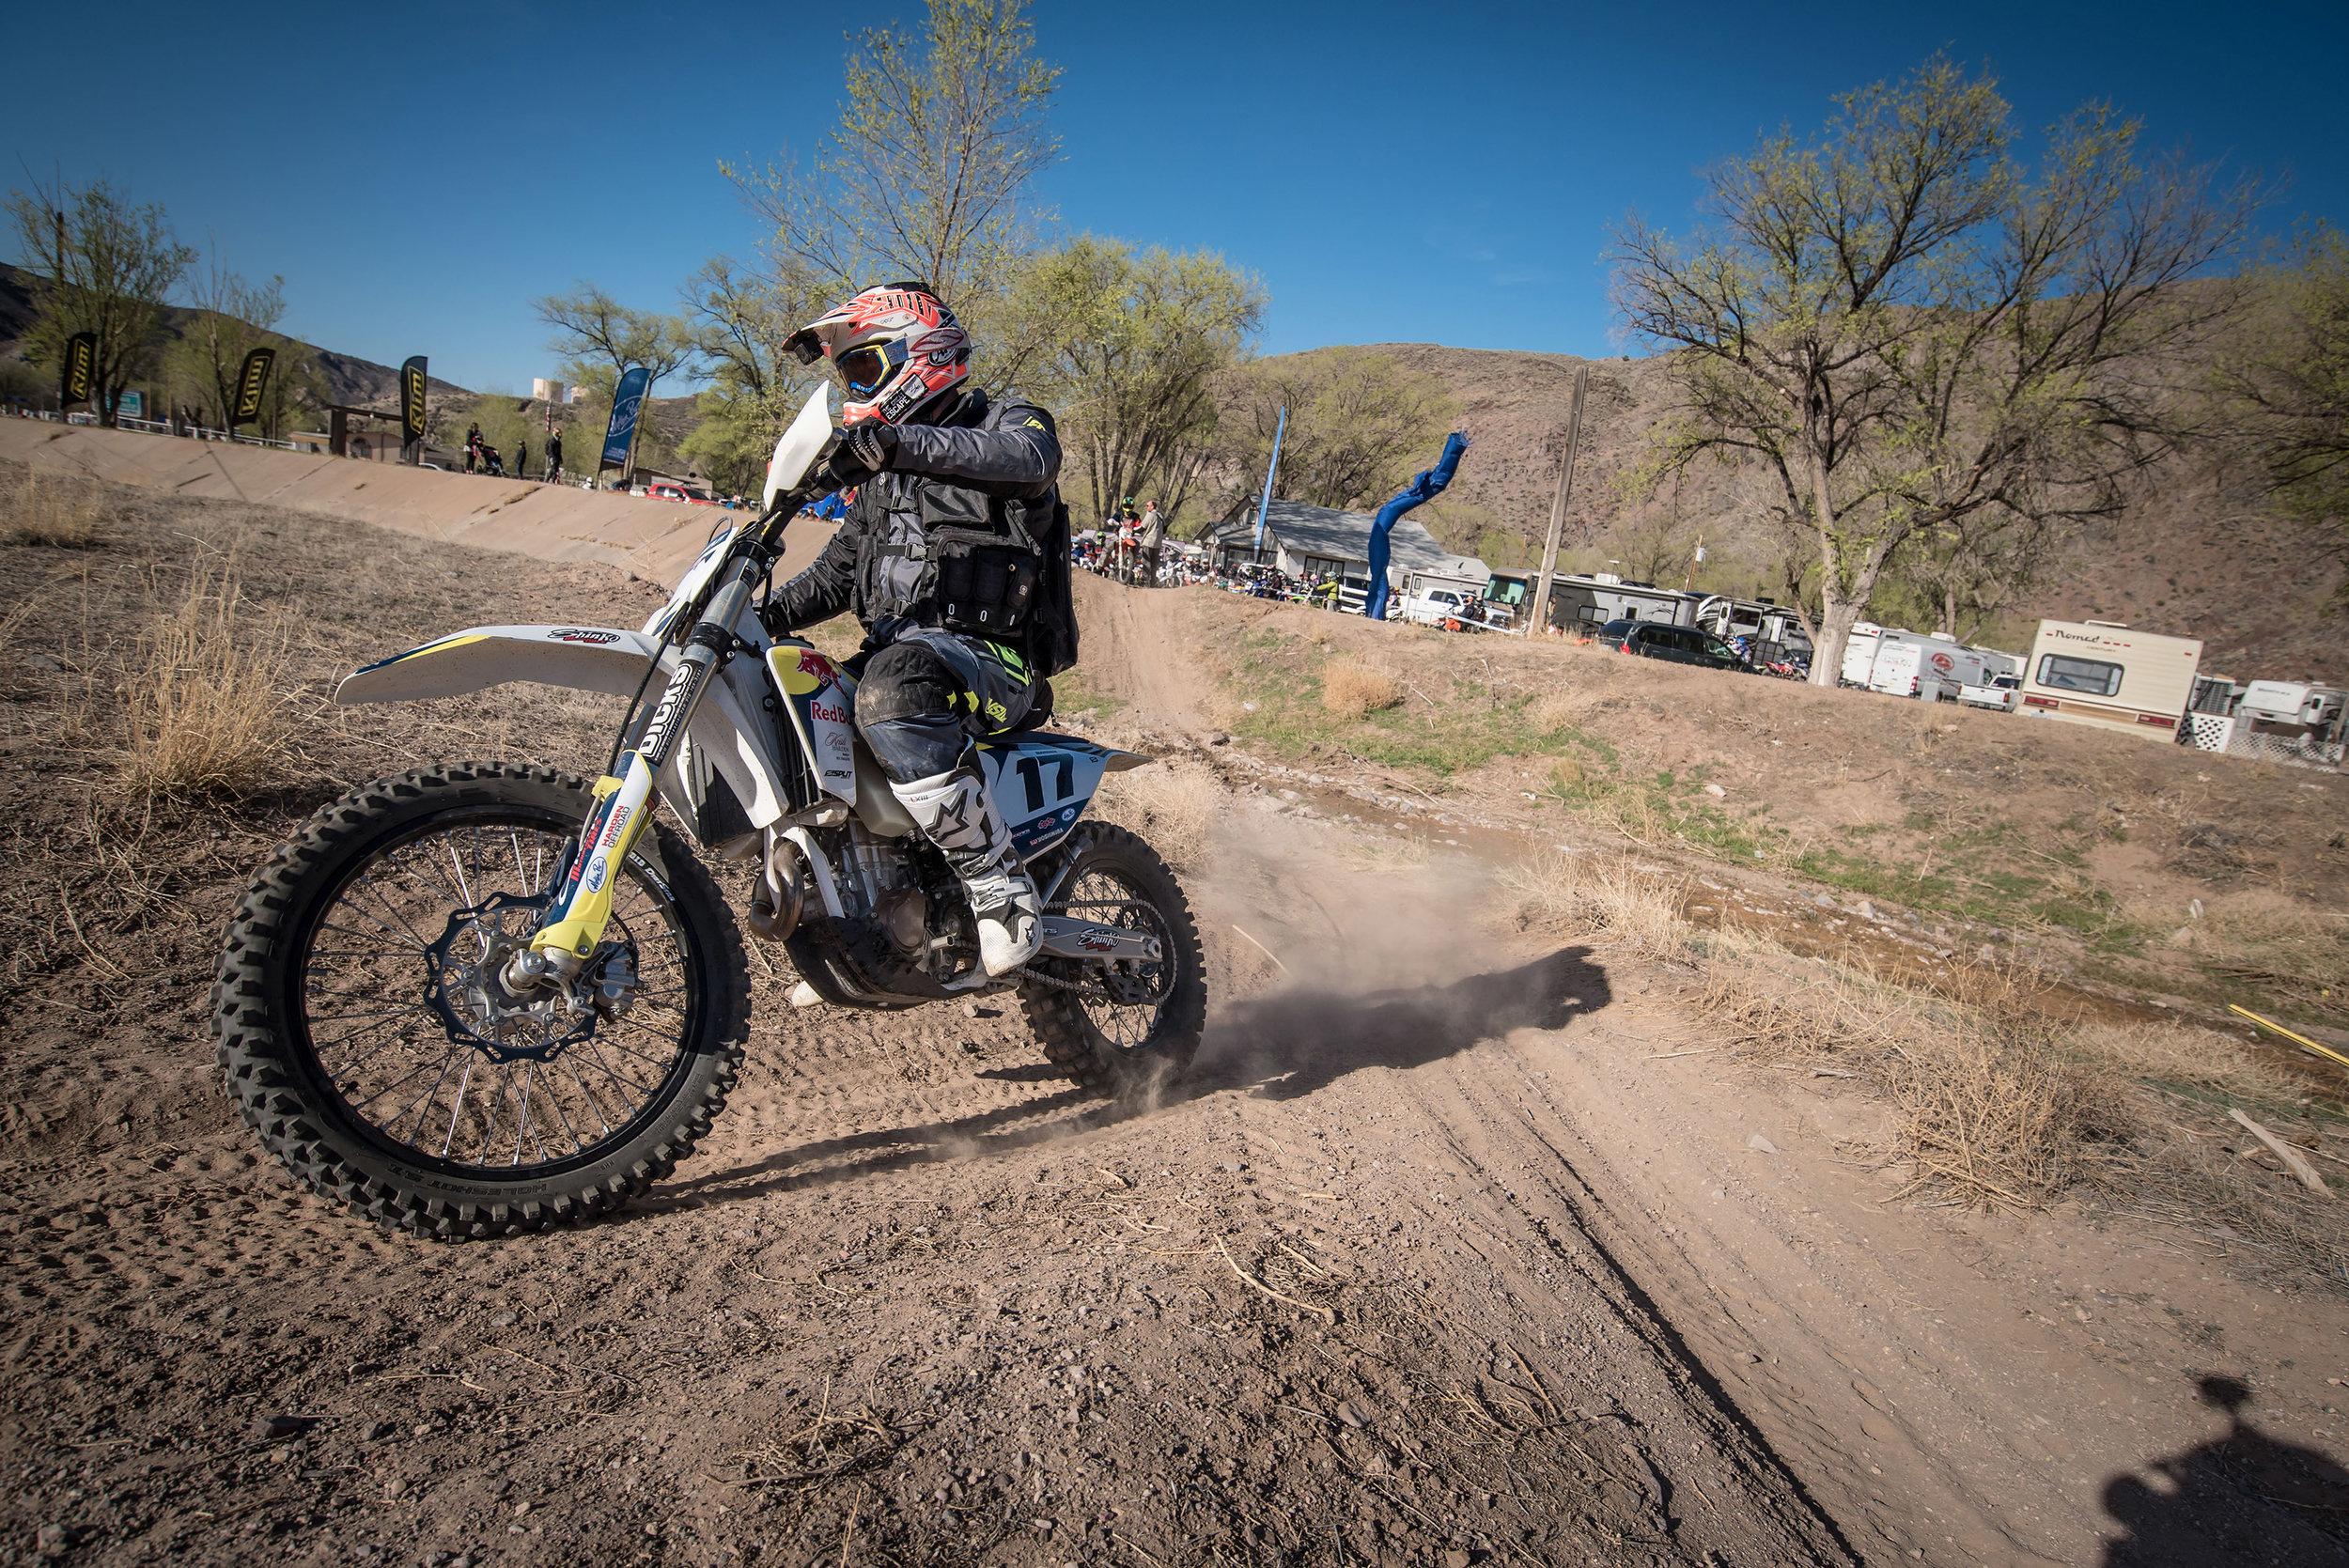 Nevada200-2018-Cudby0014.JPG